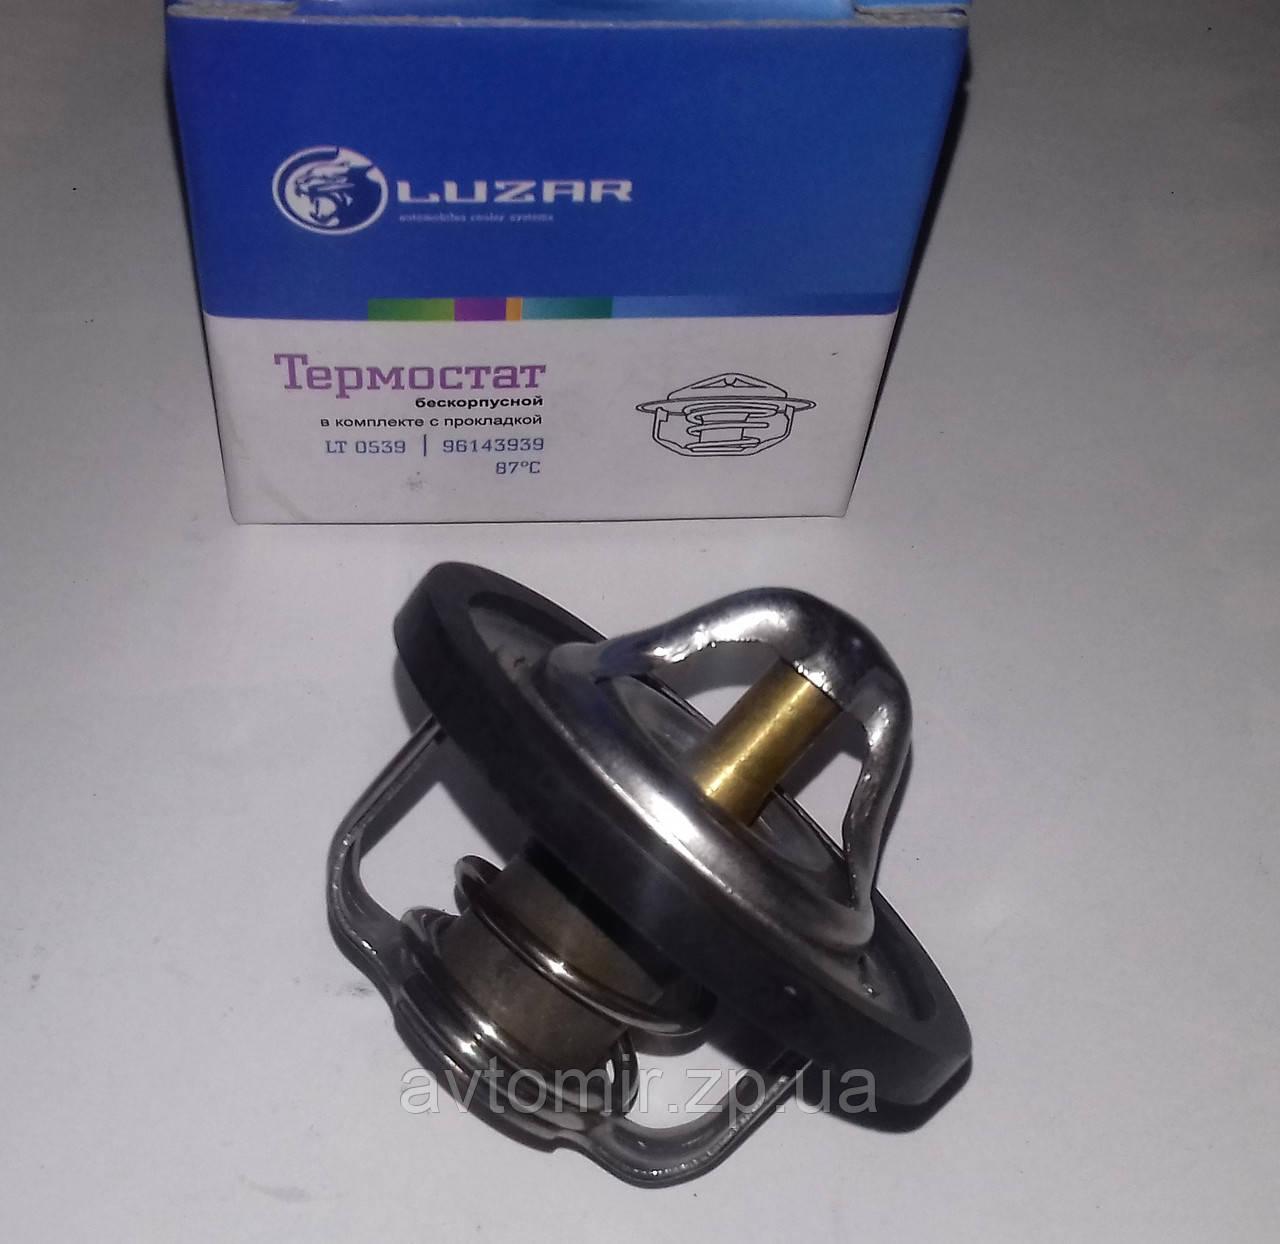 Термостат (вставка) Lanos 1.5 ЛУЗАР (LT 0539)